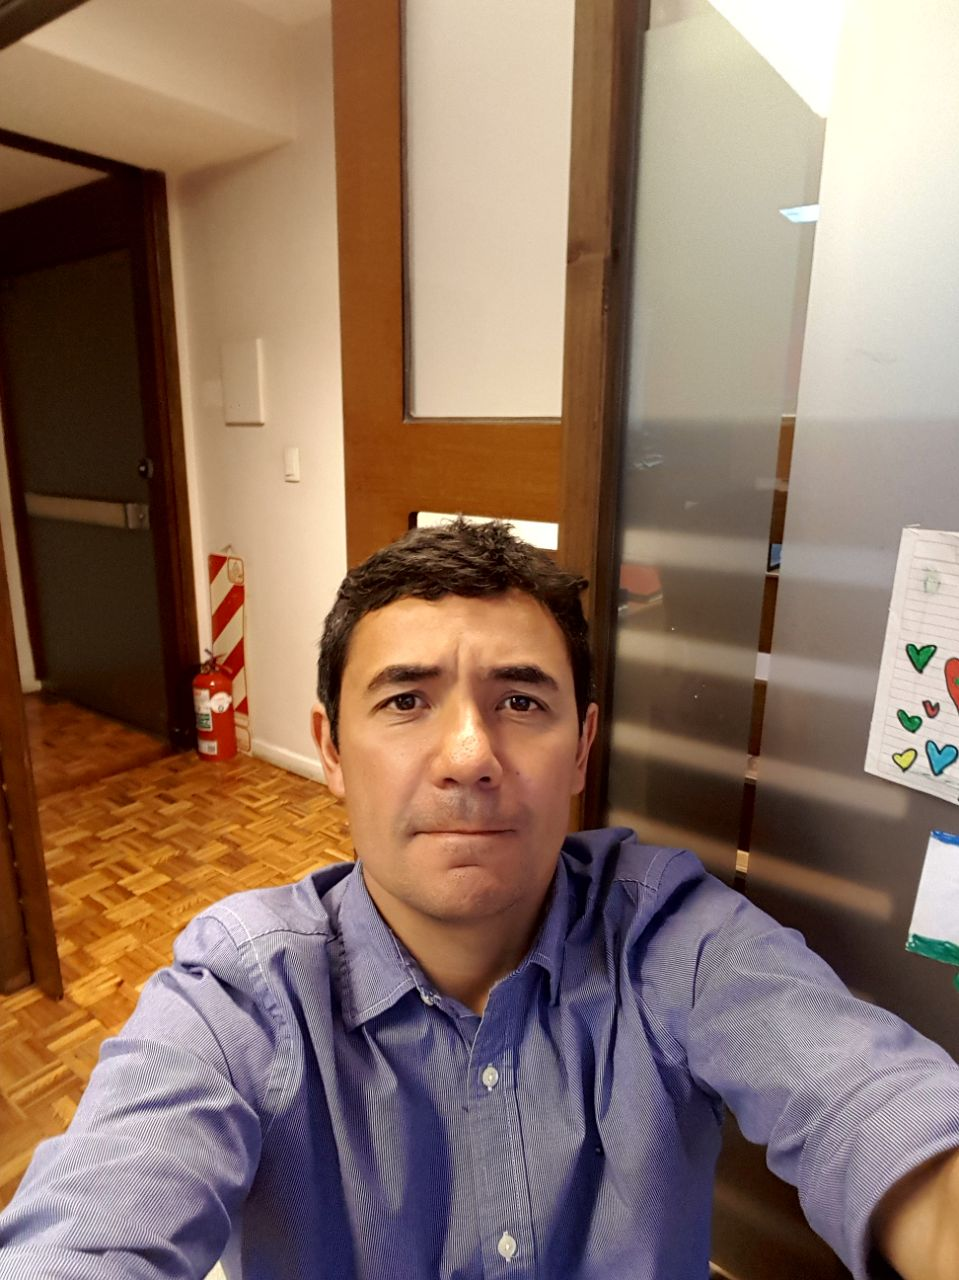 Ignacio Mori